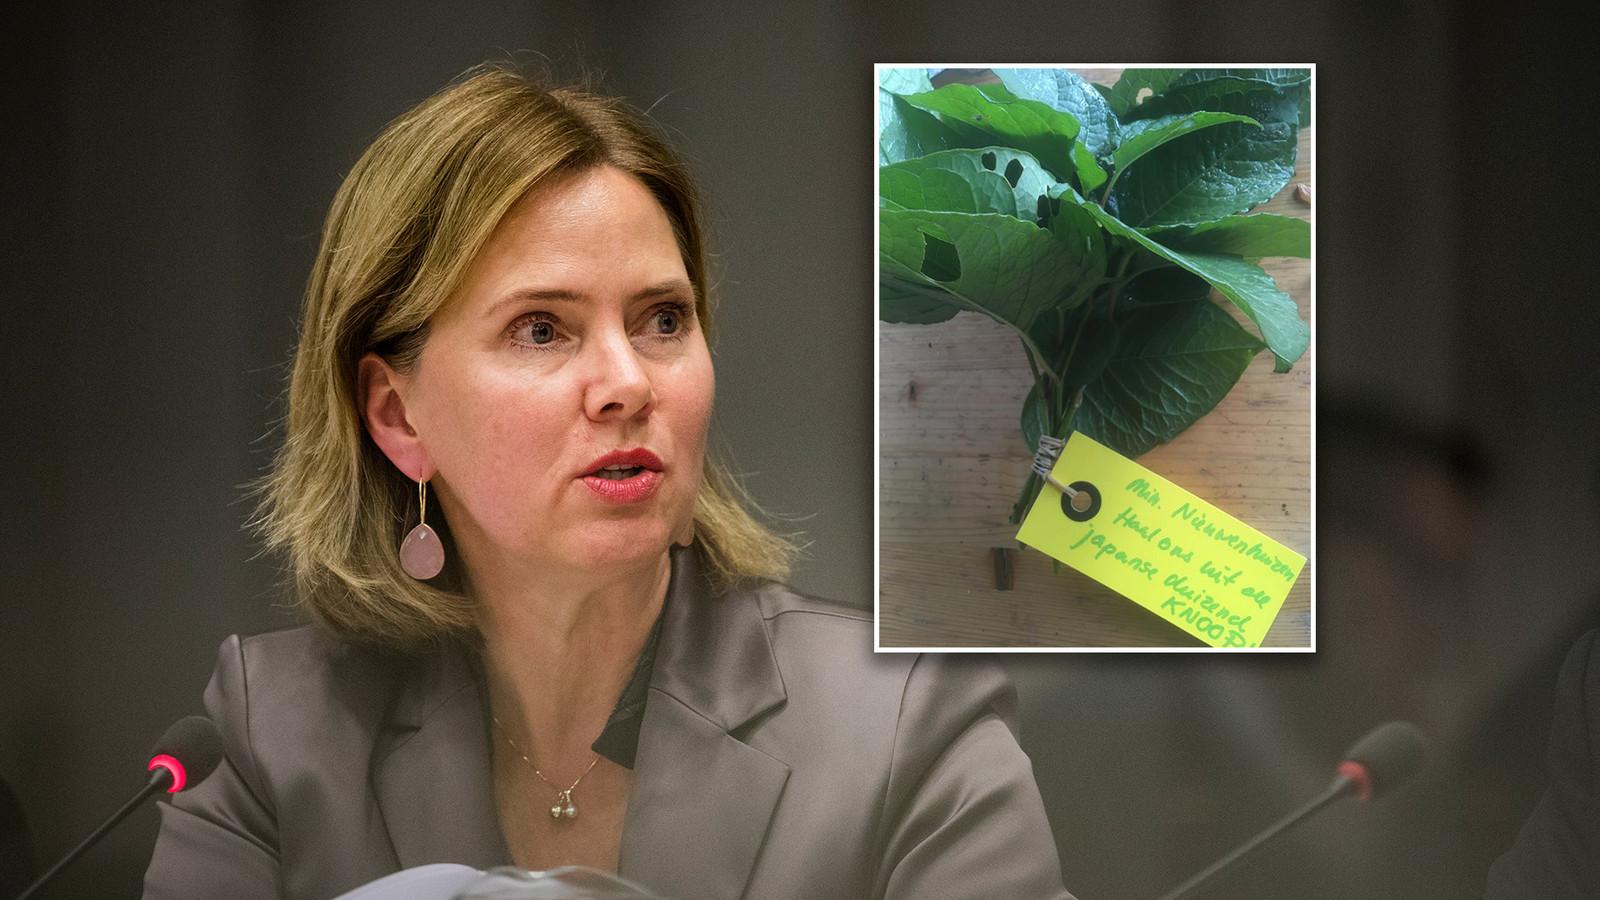 Minister Cora van Nieuwenhuizen van Verkeer. Inzet: het boeketje met de Japanse Duizendknoop